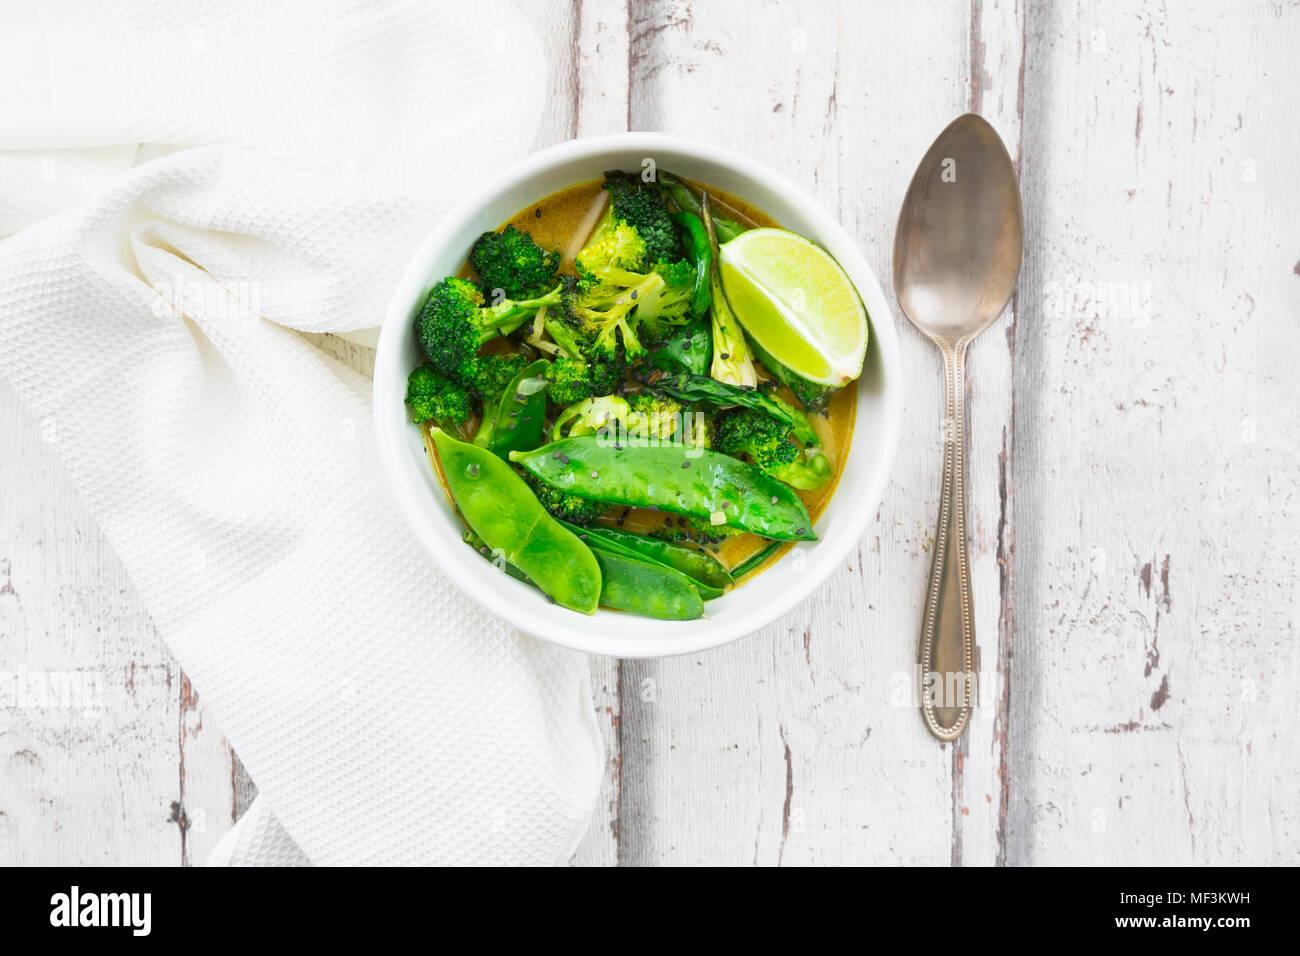 Le curry thaï vert avec brocoli, pak choi, pois mange-tout, épinards, riz et lime Photo Stock